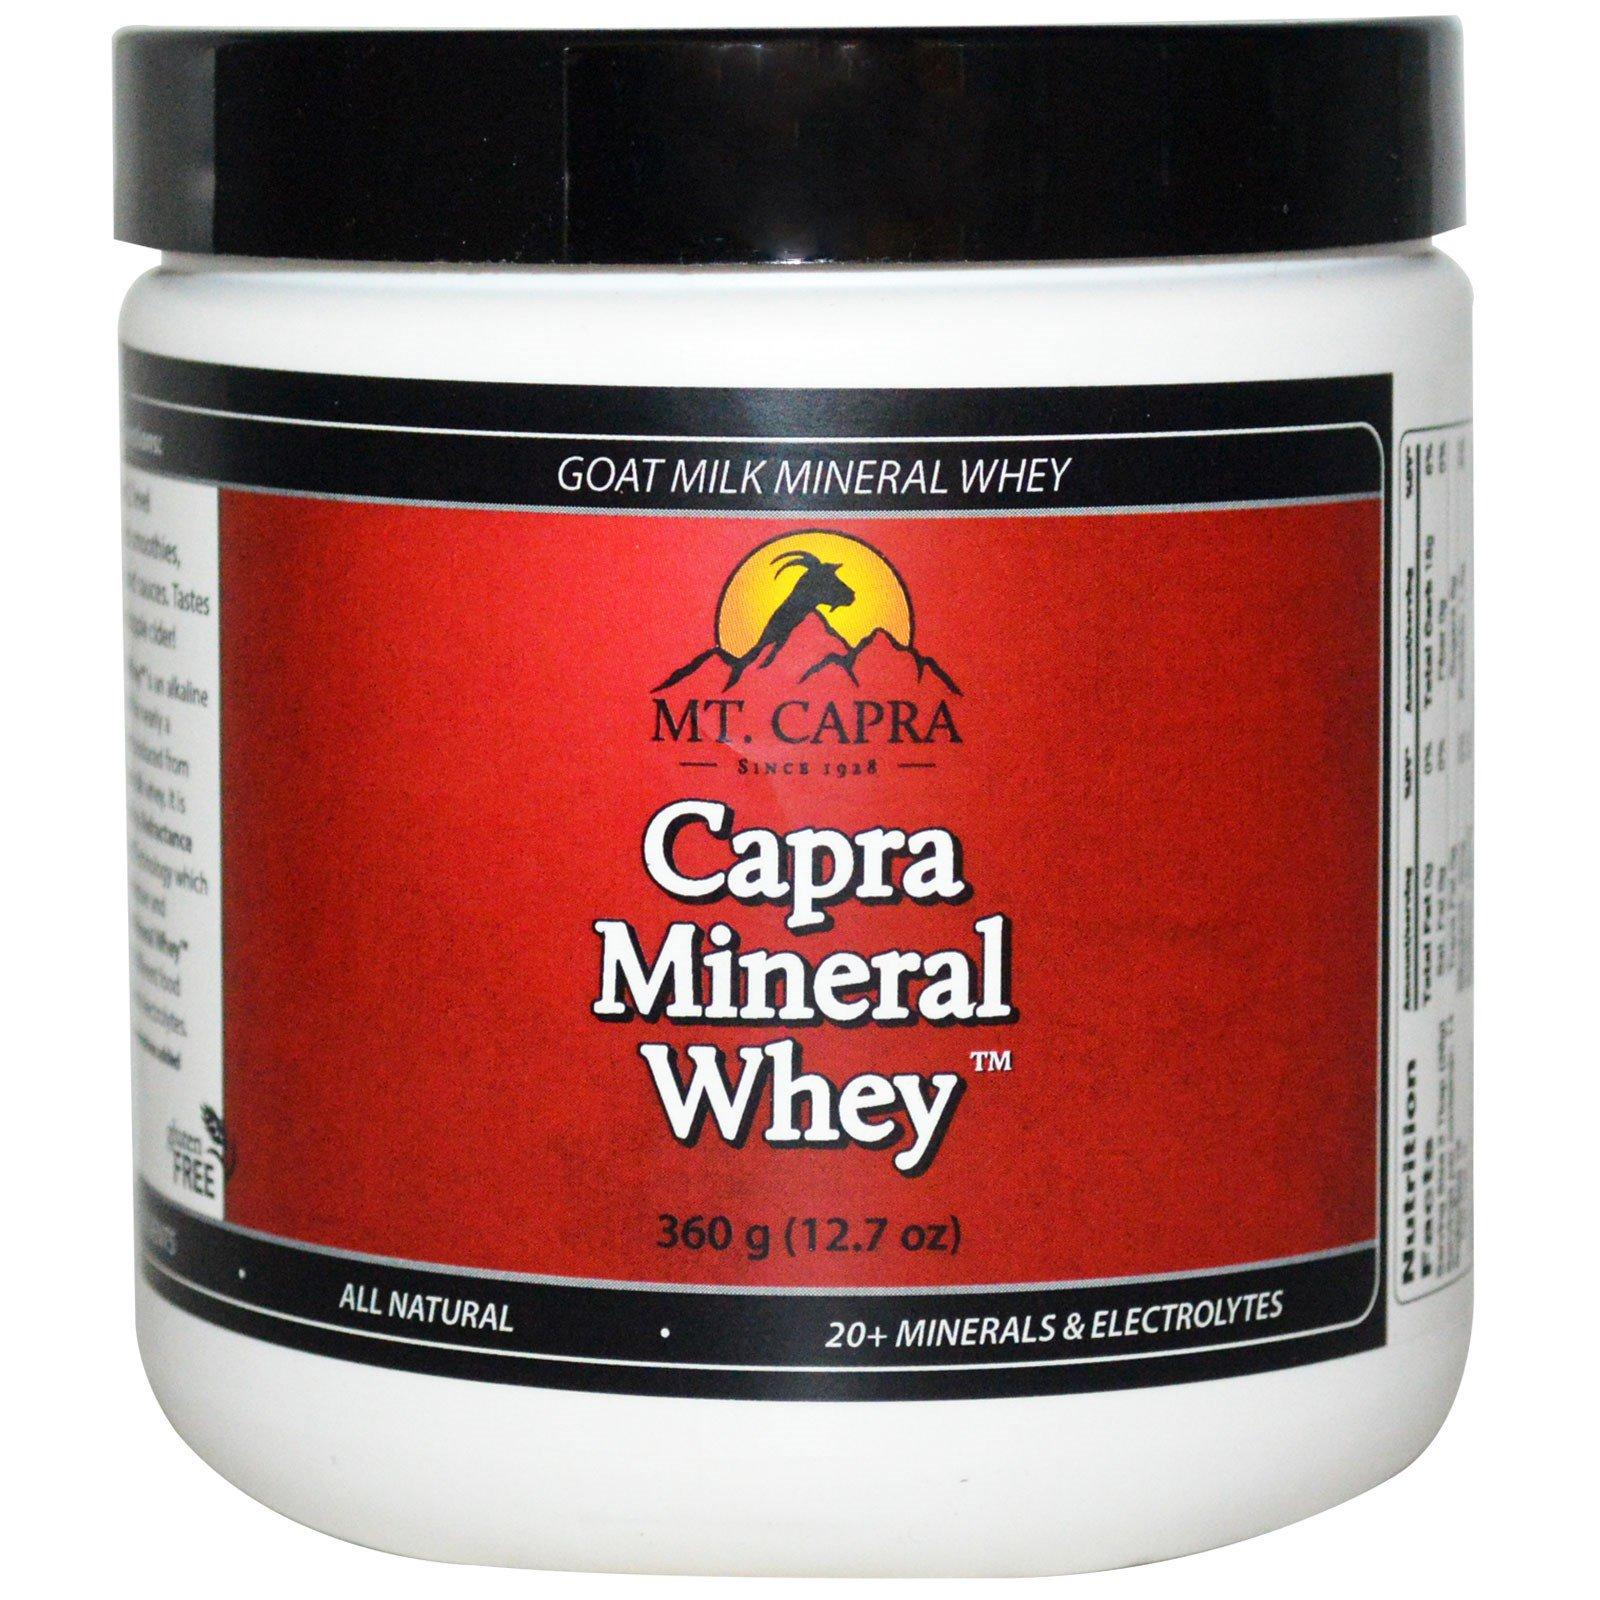 Mt. Capra, Минеральная козья сыворотка, 12.7 унций (360 г)